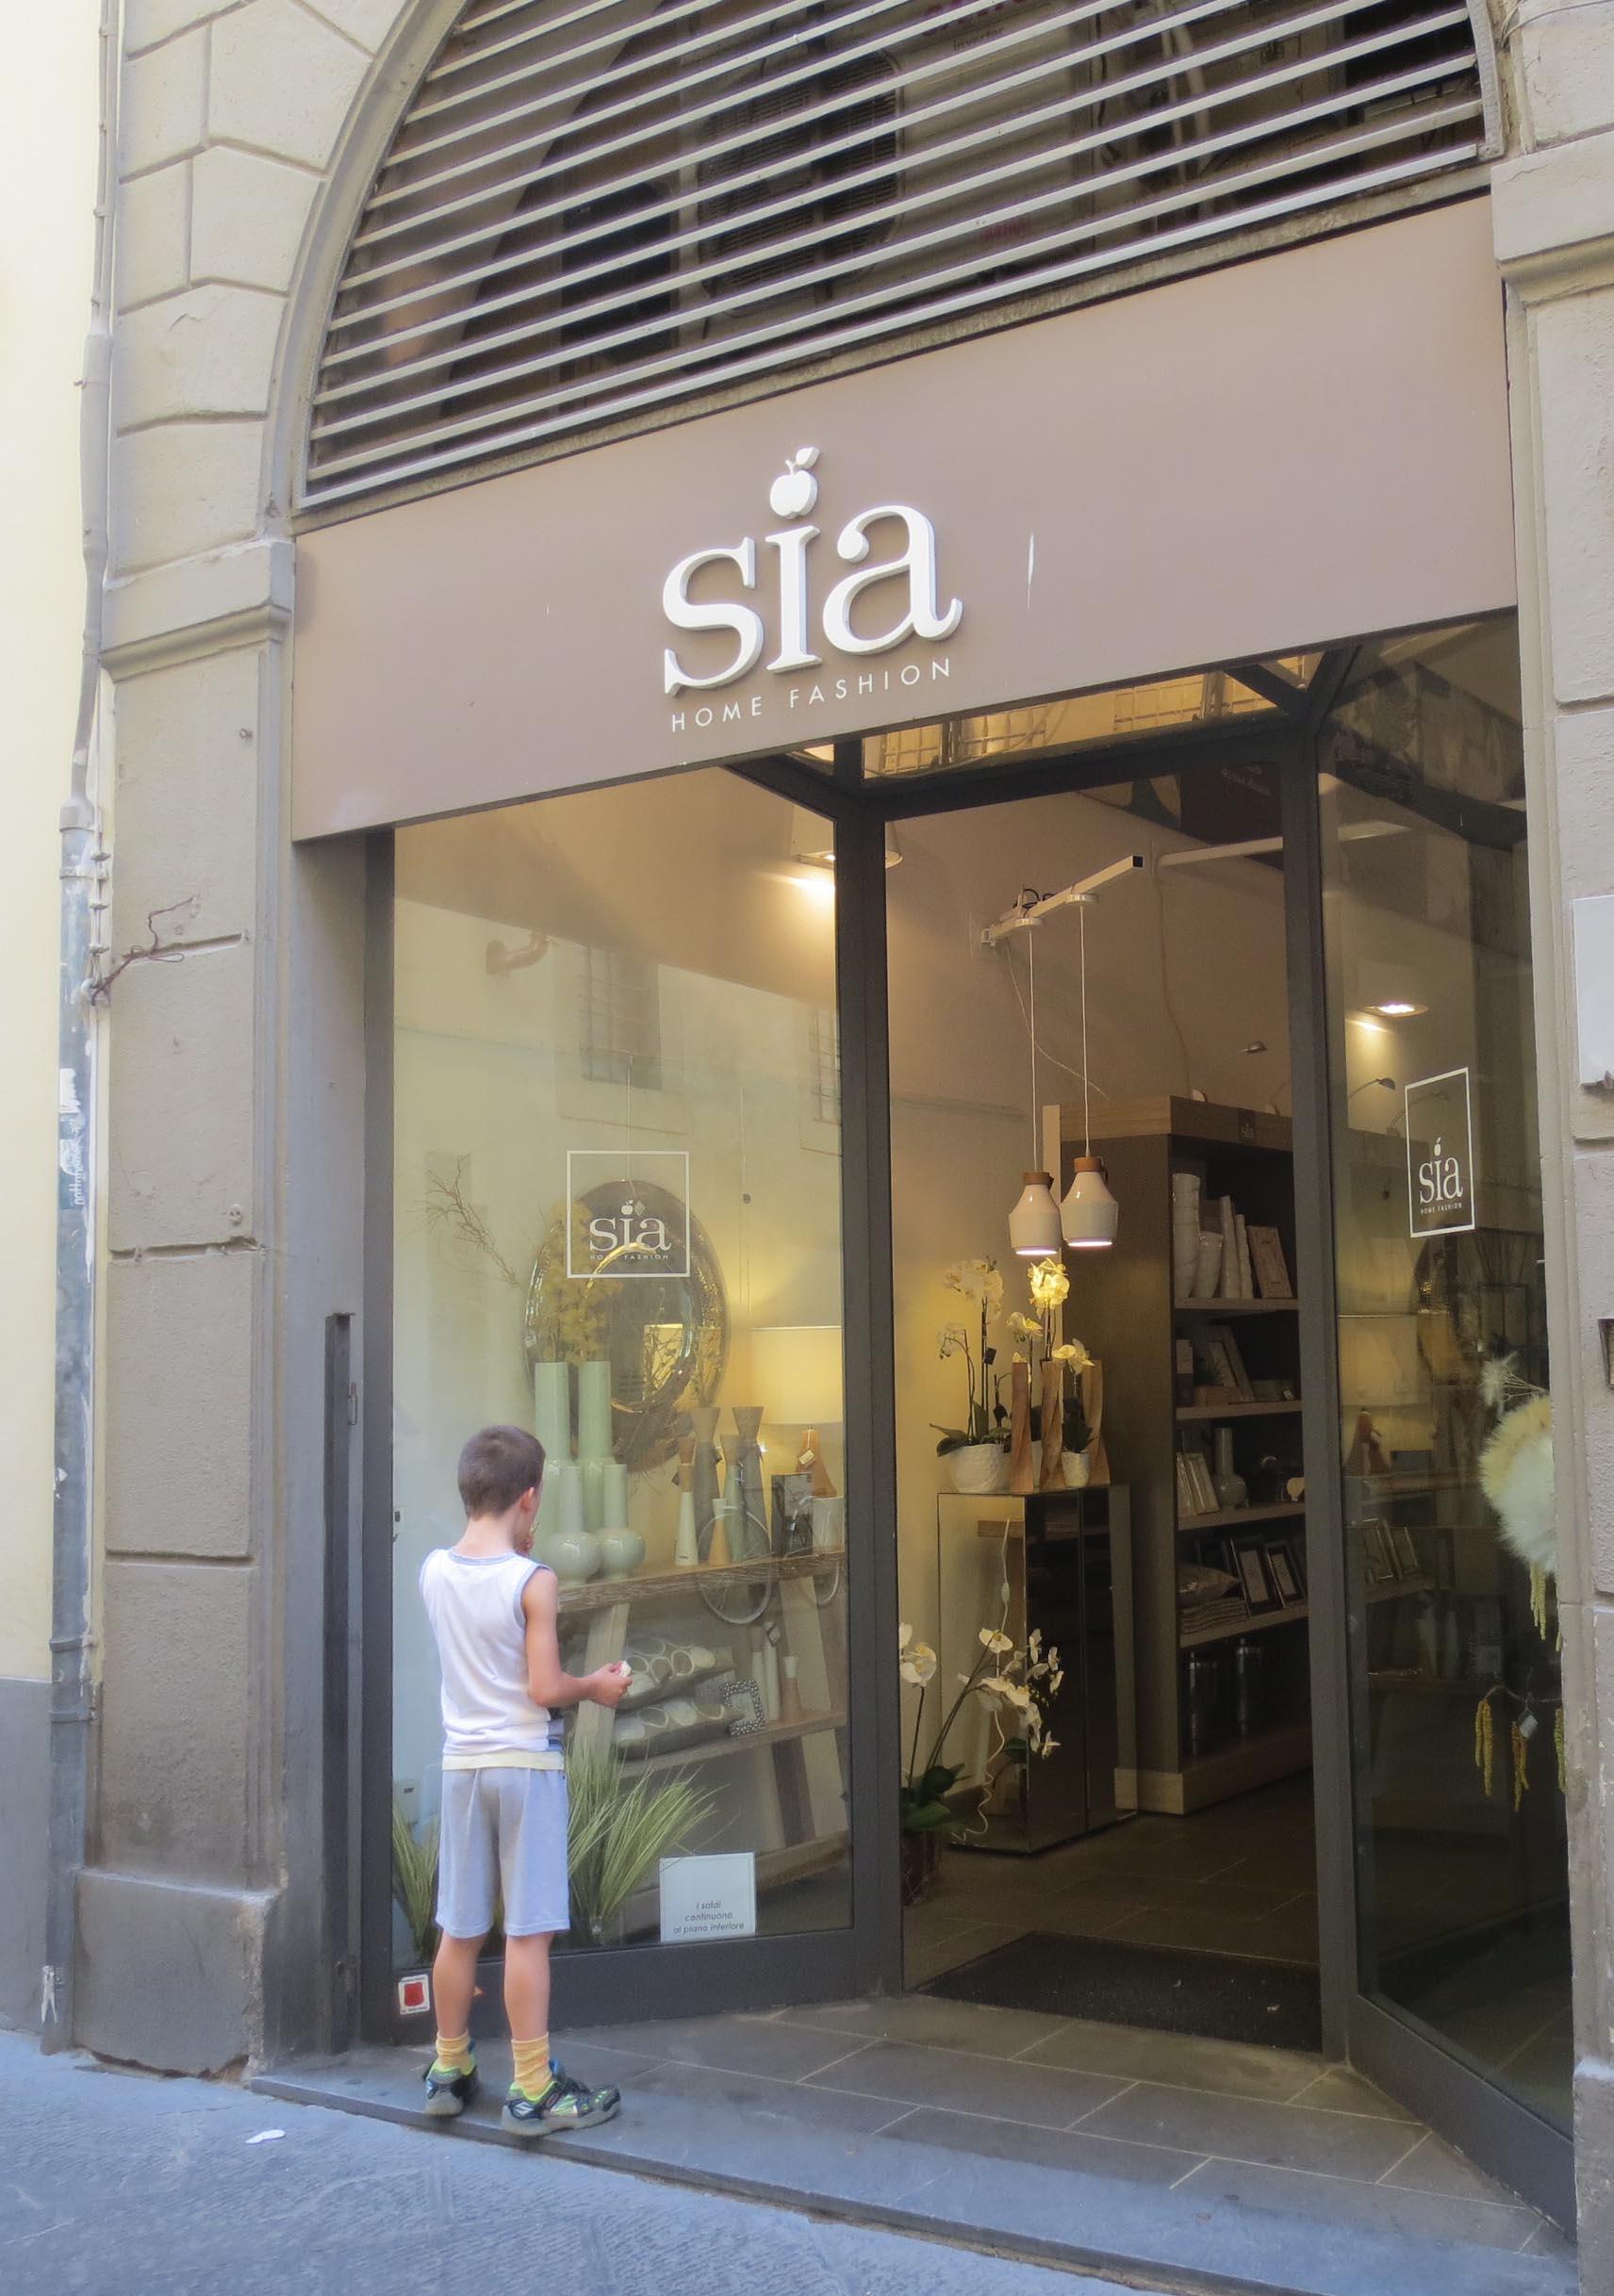 優雅に覗いてみたいインテリアのお店@フィレンツェーSIA_c0179785_1537056.jpg